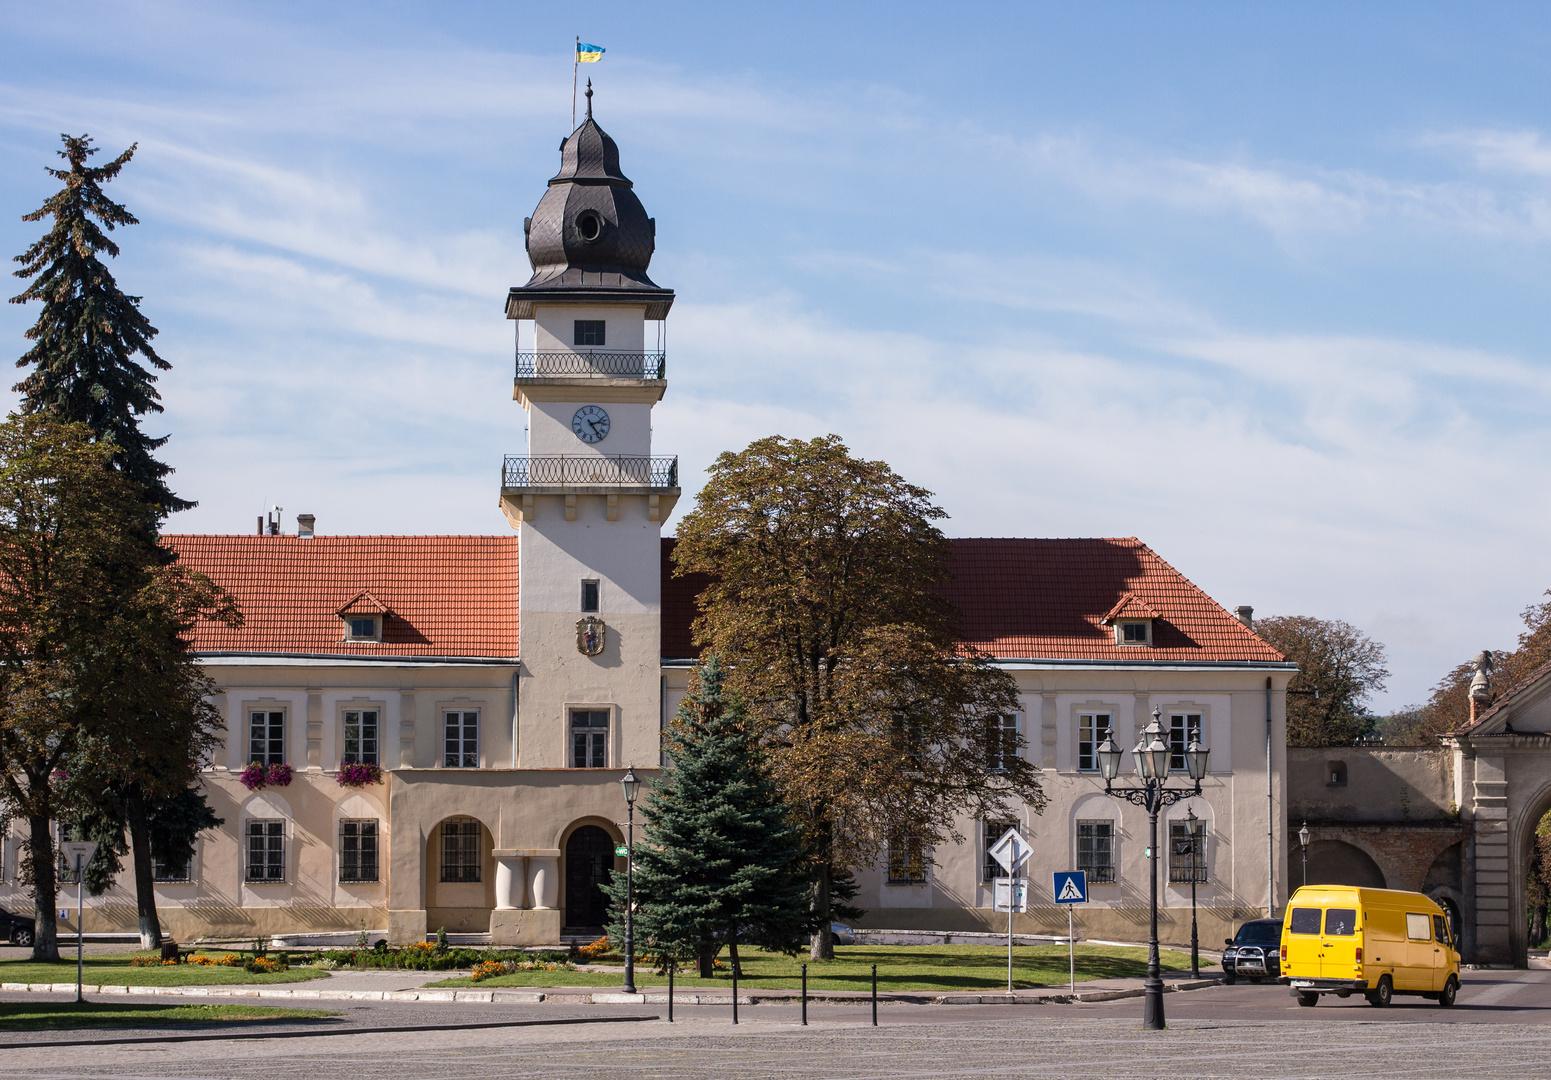 Das Rathaus von Zhovka